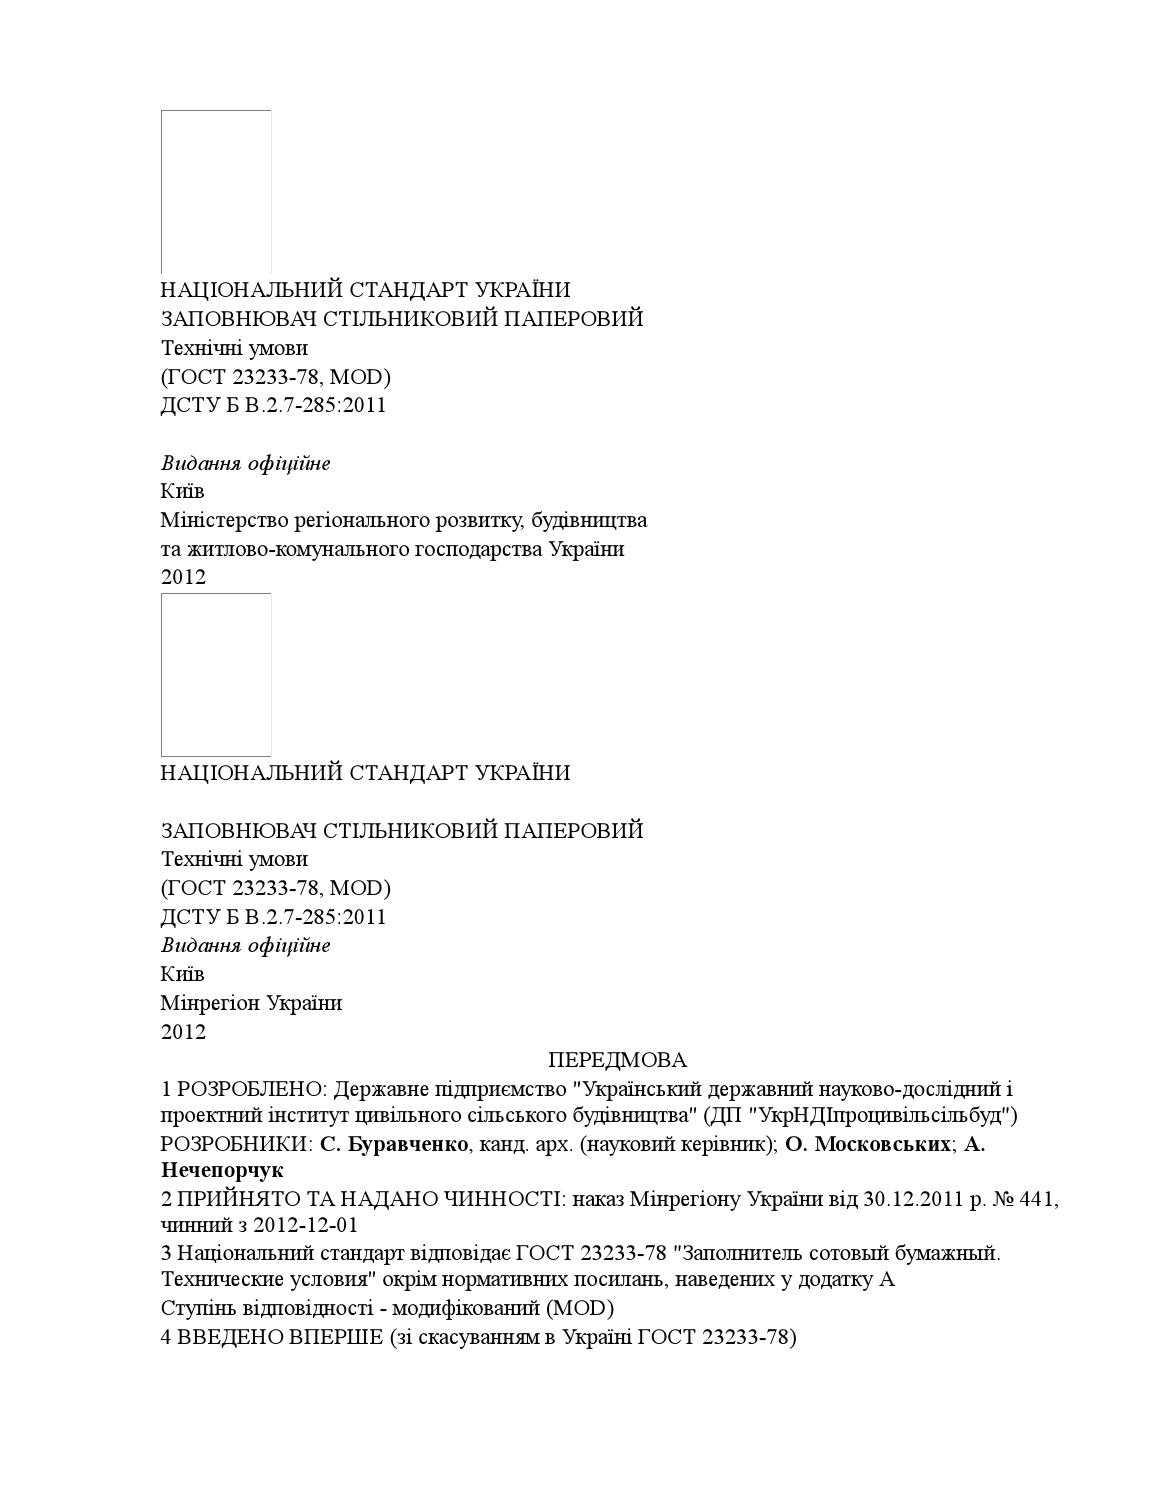 Гост 23343-78. грунтовка гф-0119. технические условия (с изменениями n 1-4)